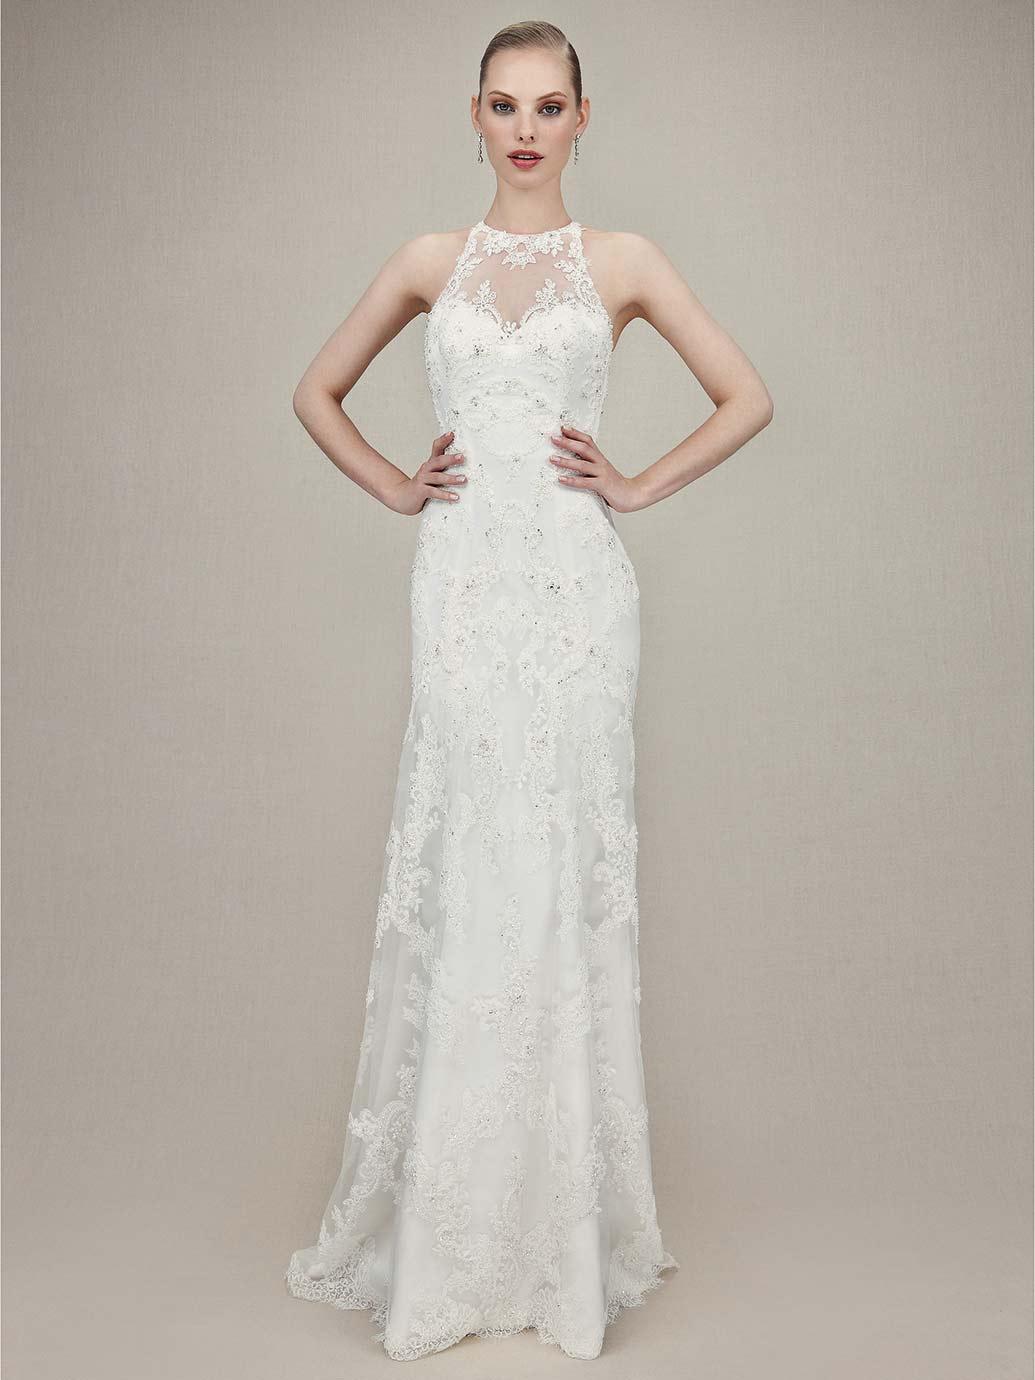 sheath jewel neck sleeveless lace wedding dress with sheer back p sheer back wedding dress Sheath Jewel Neck Sleeveless Lace Wedding Dress with Sheer Back